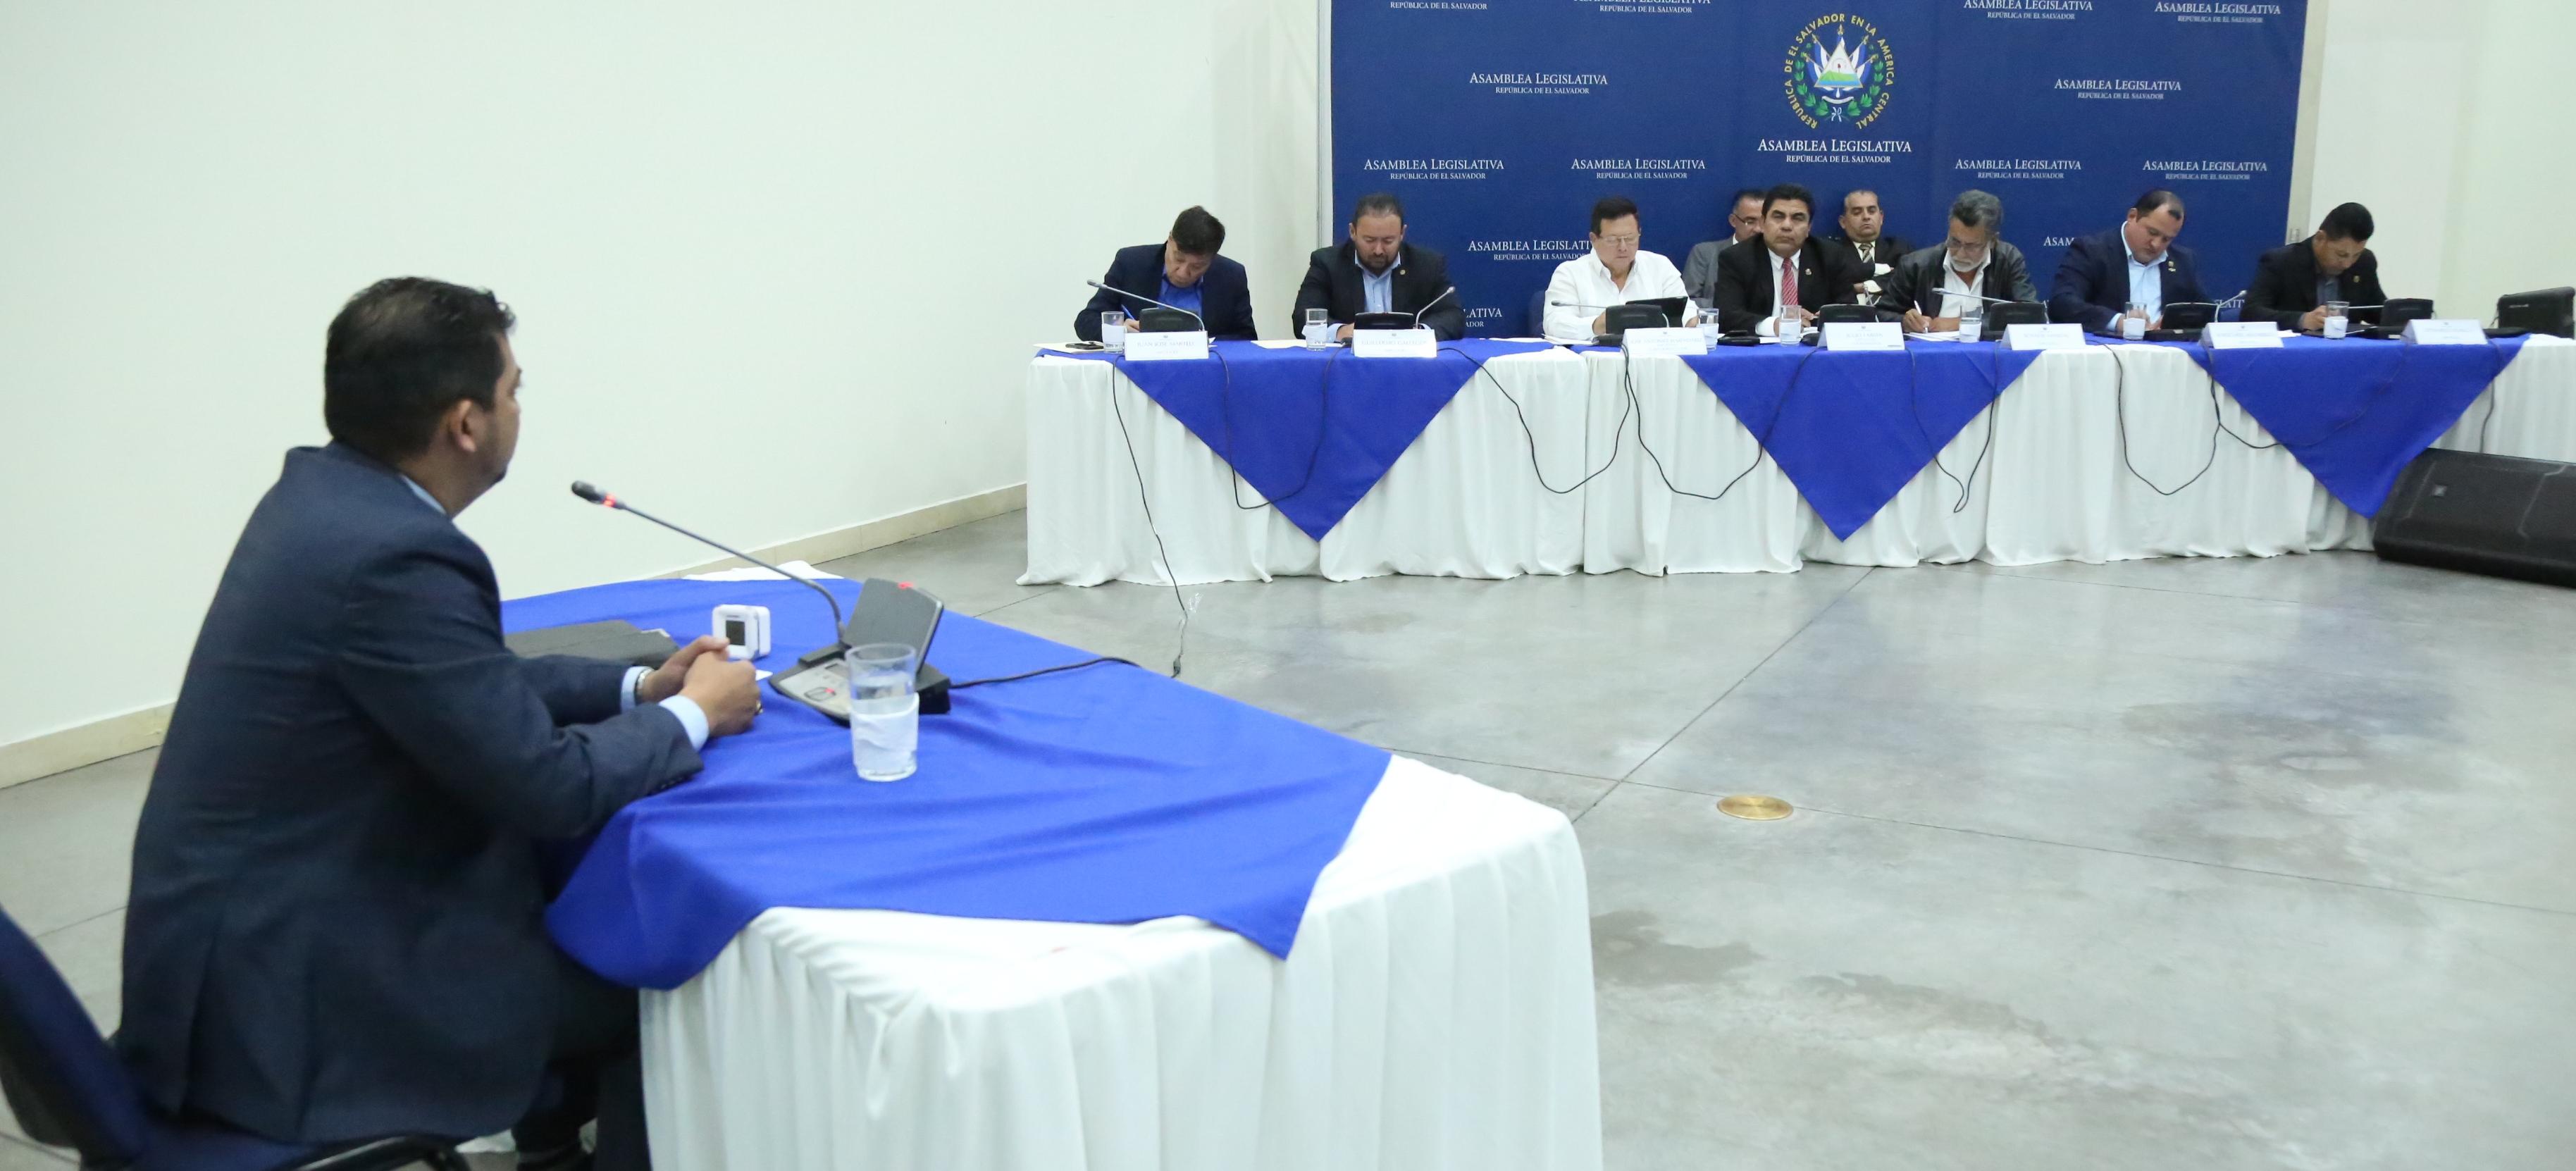 Subcomisión más cerca de concluir encuentros y preparar informe a la Comisión Política